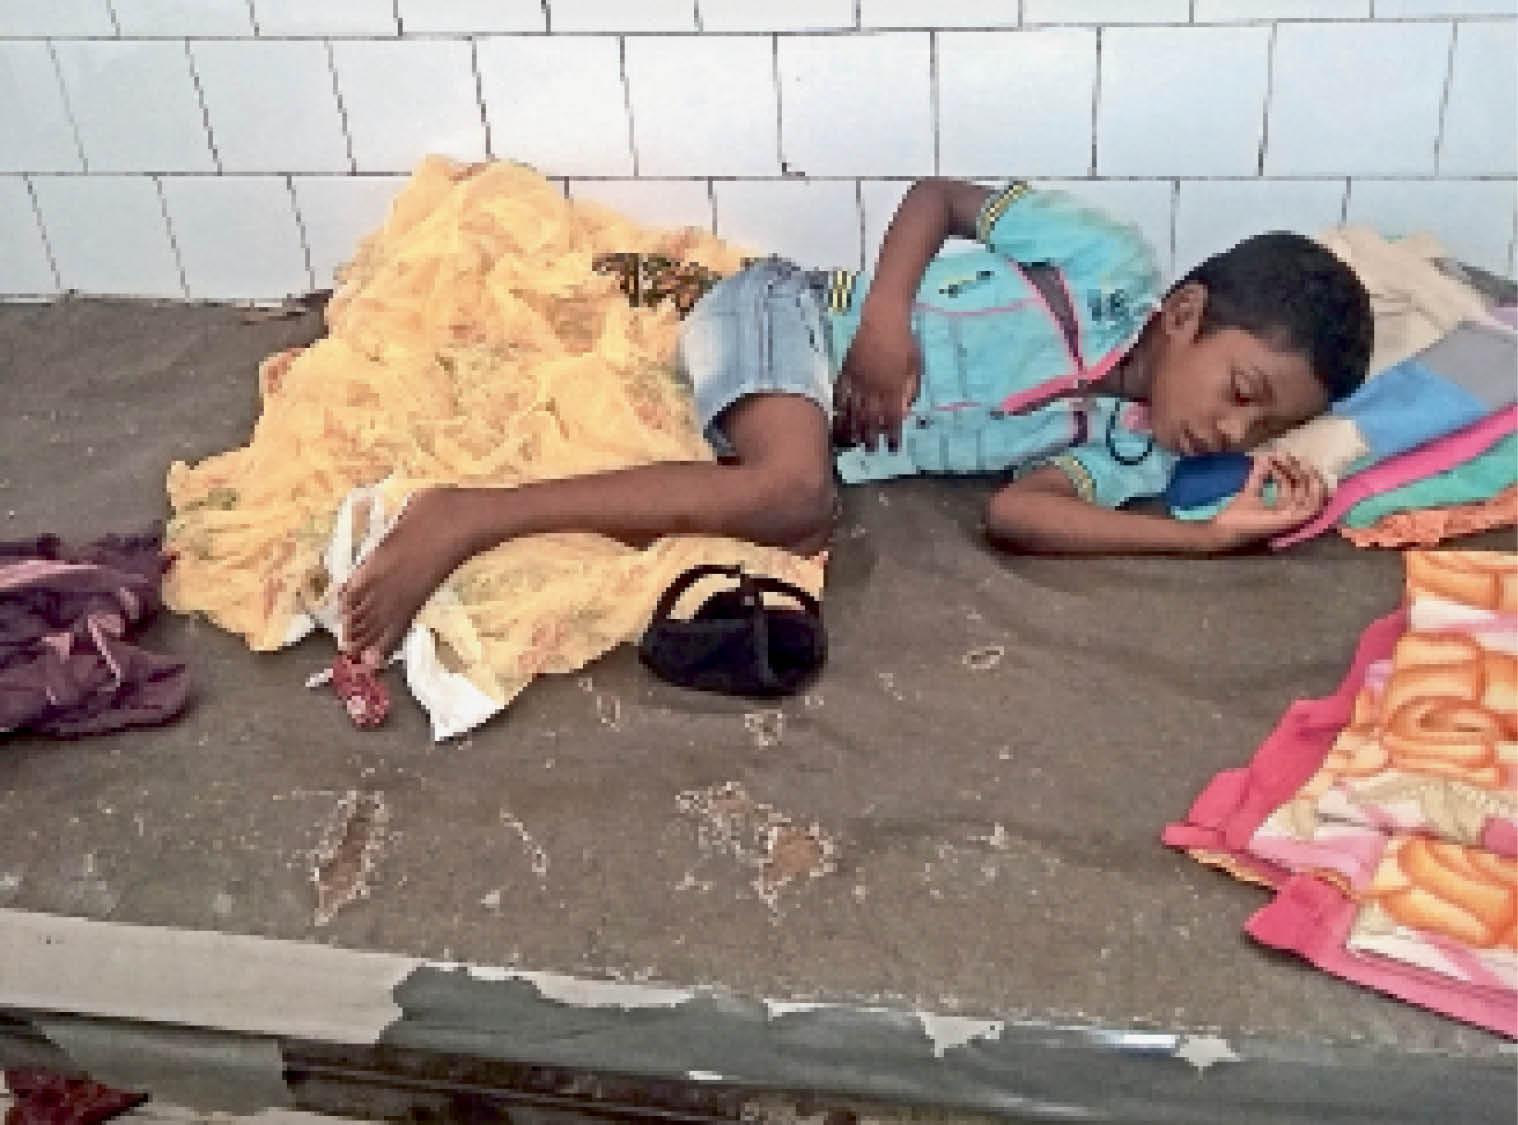 बेड के गद्दे फटे, बदबू इतनी कि 5 मिनट रुकना मुश्किल जमशेदपुर,Jamshedpur - Dainik Bhaskar